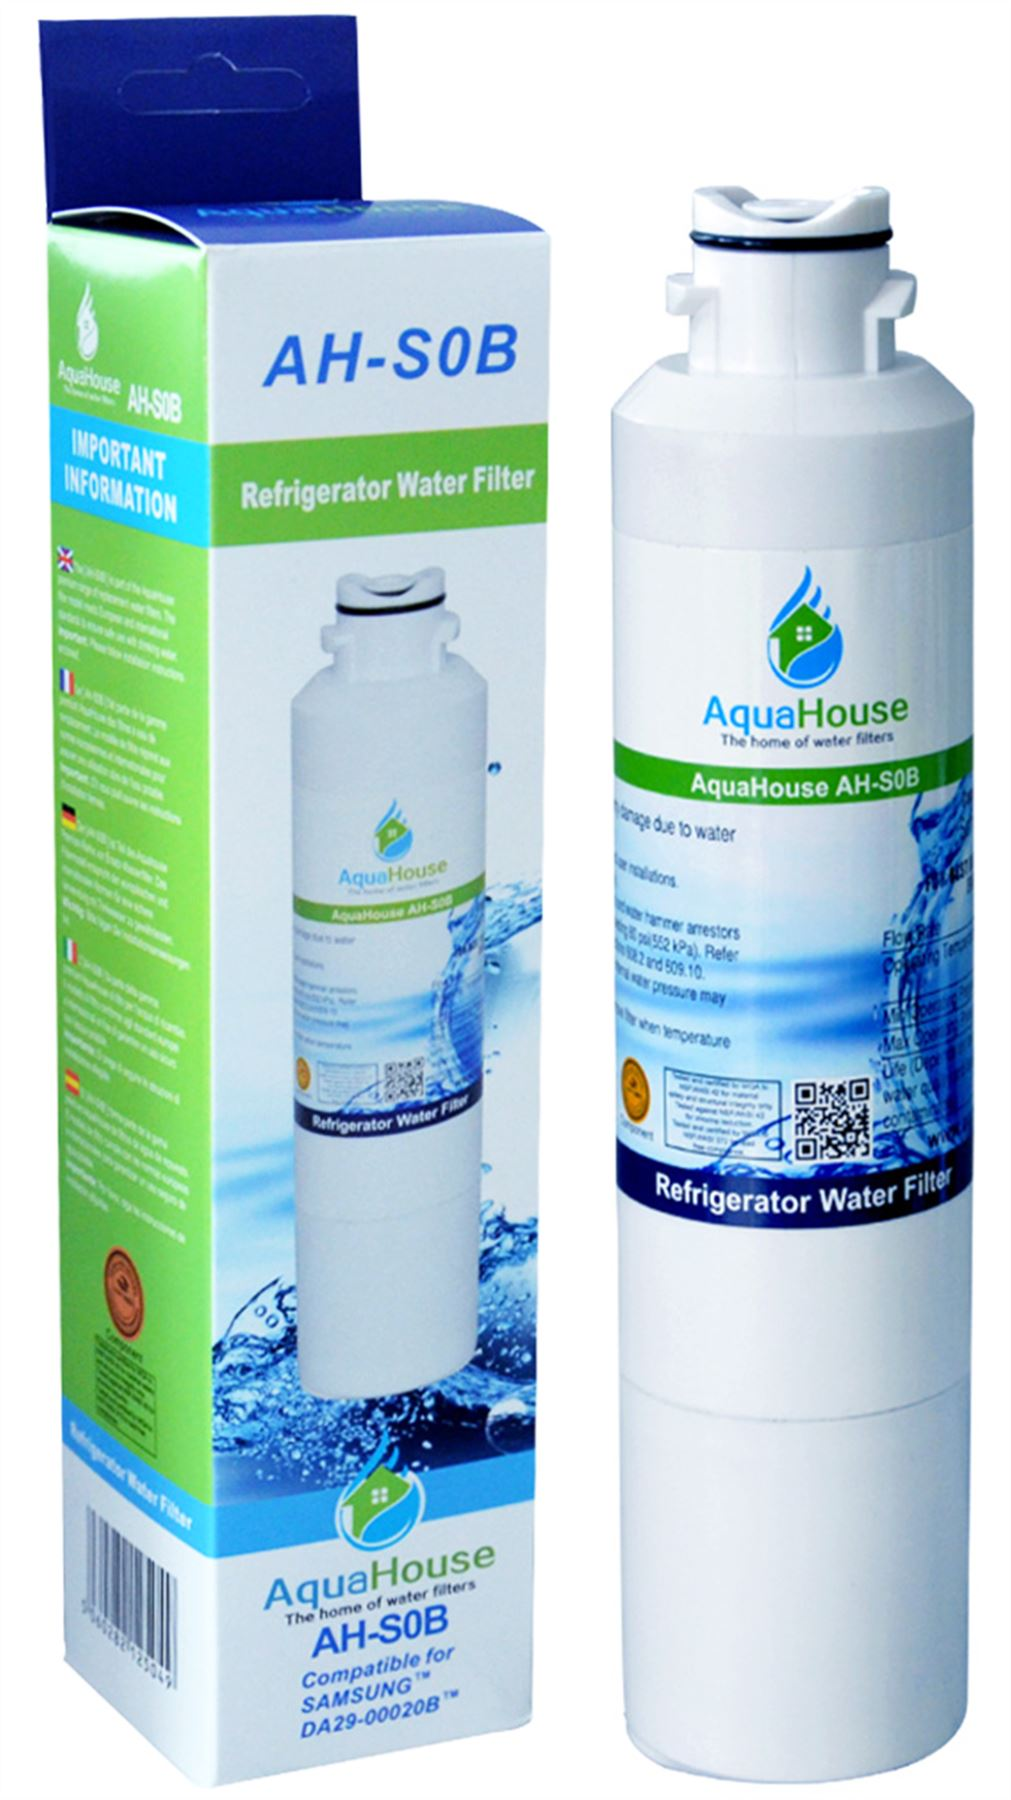 Filtro acqua interno compatibile per Frigorifero Congelatore Samsung da29-00020a Aquapure